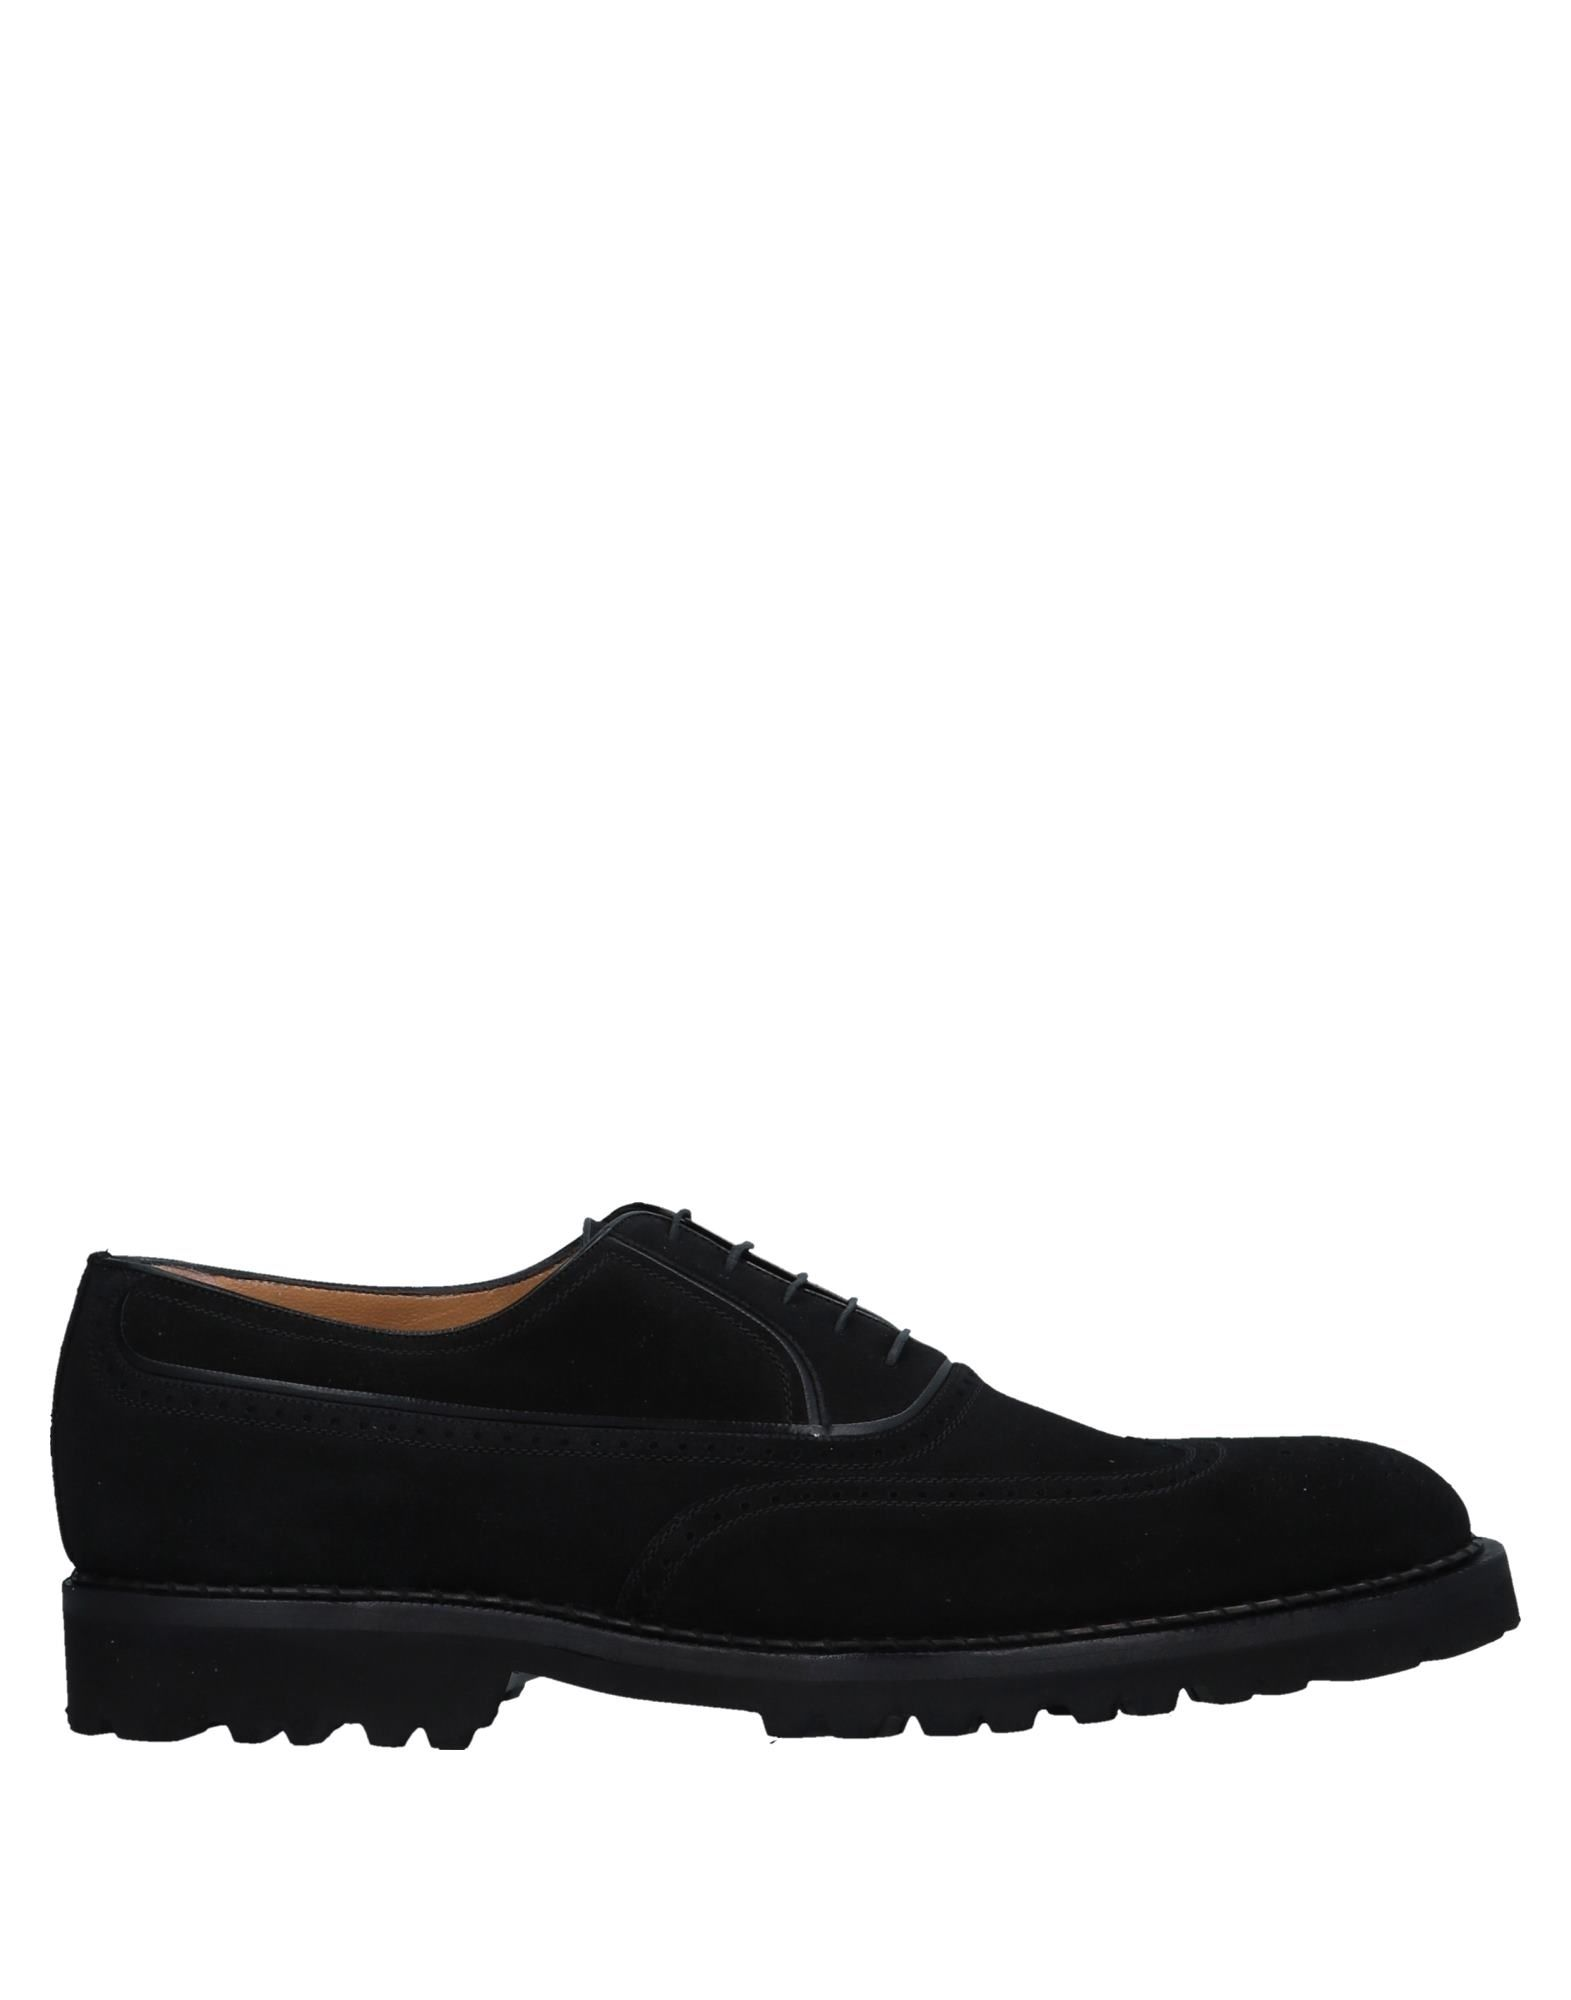 A.Testoni Schnürschuhe Herren  11542434NV Gute Qualität beliebte Schuhe